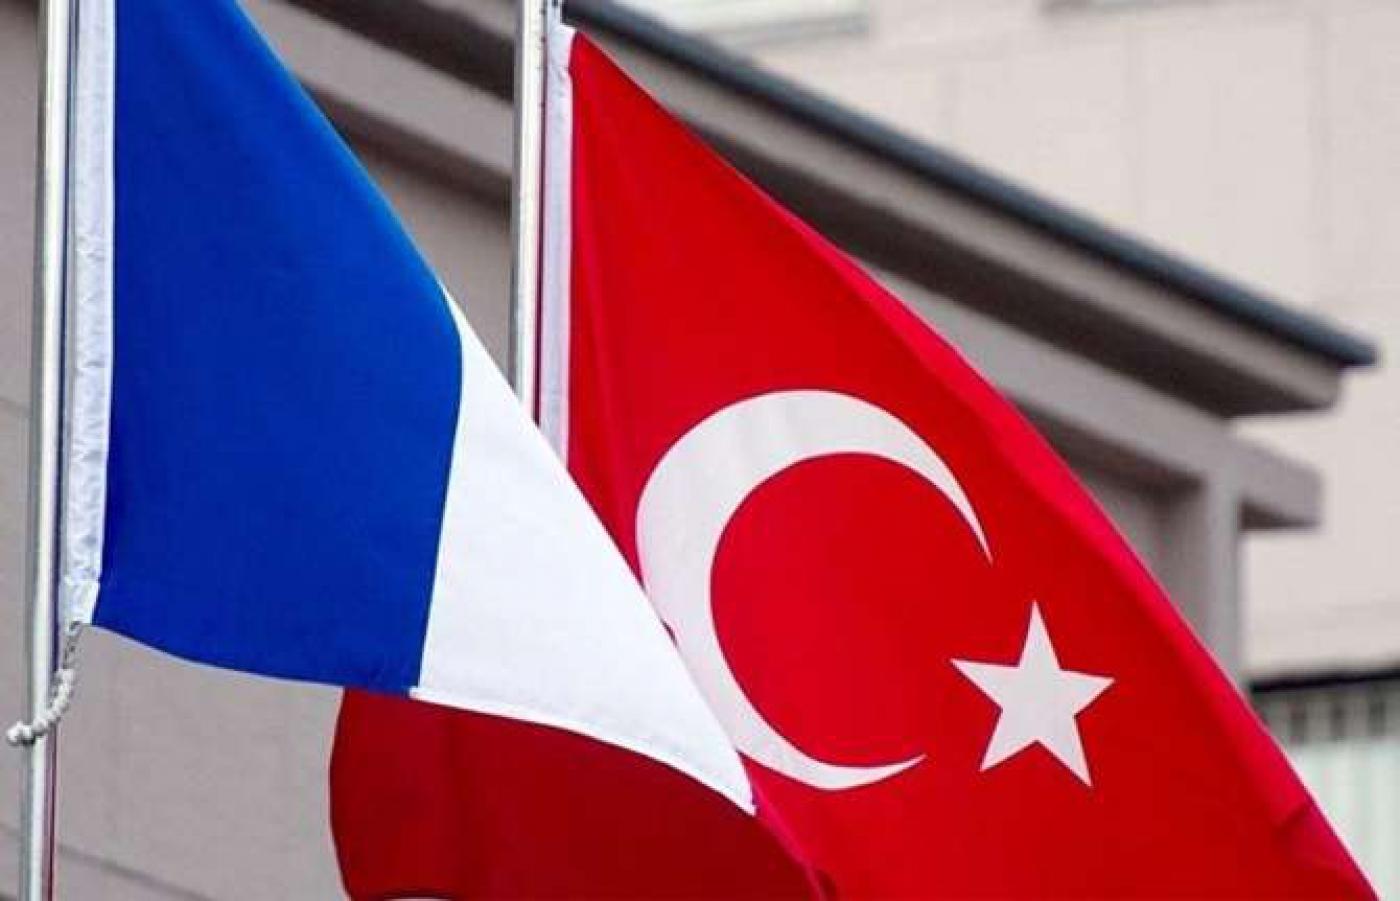 Fransa 'o yasayı' onayladı: Ankara'nın tepkisi gecikmedi!